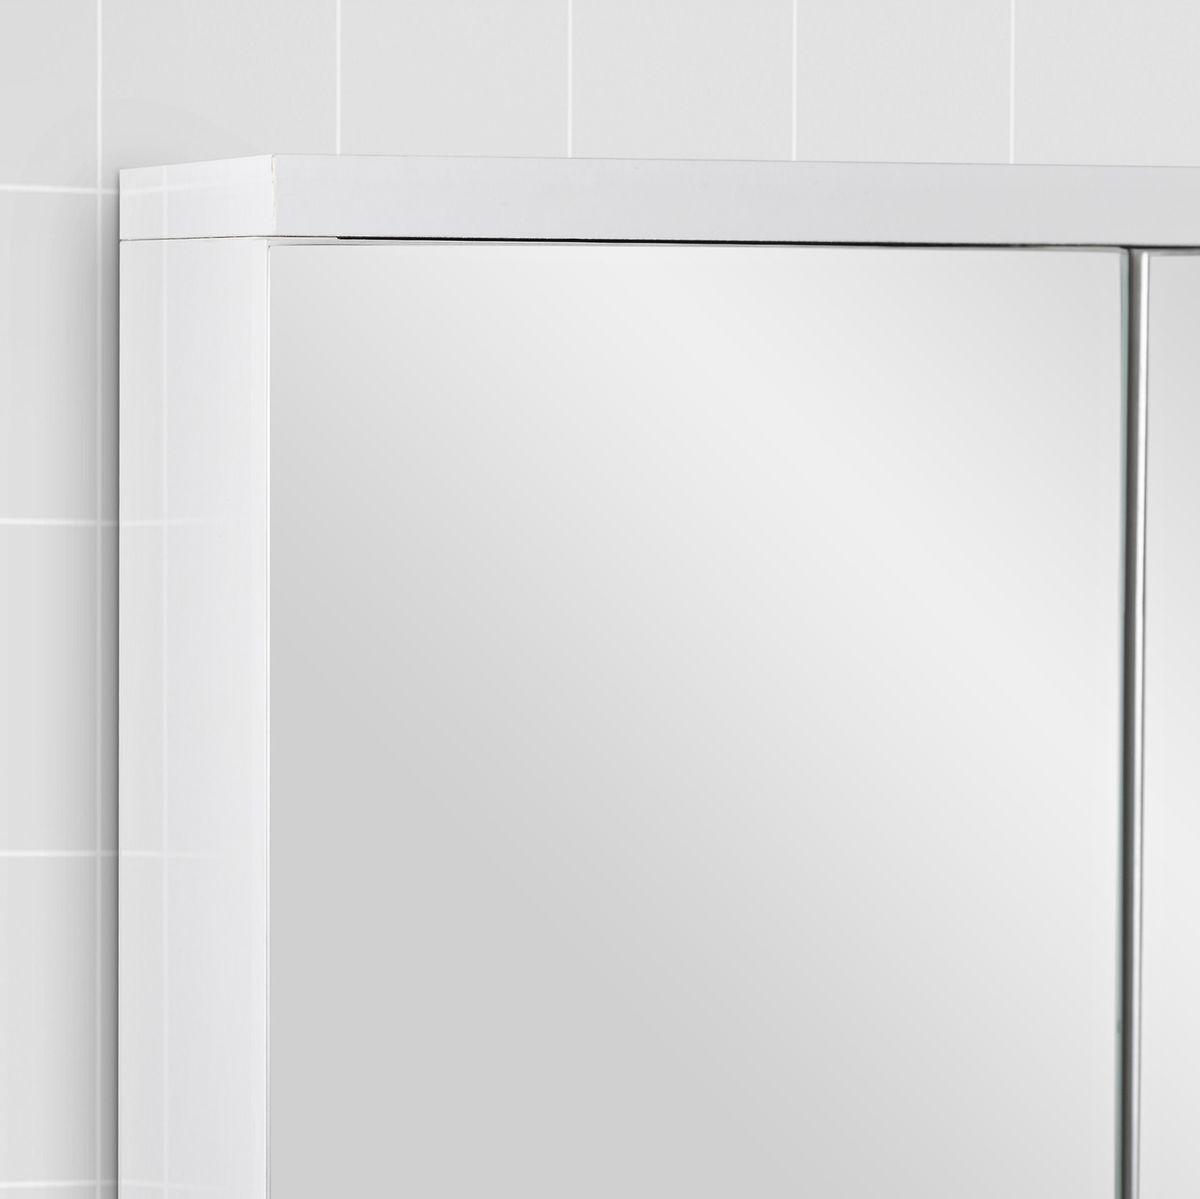 Galdem Spiegelschrank Easy 100 cm – Bild 4